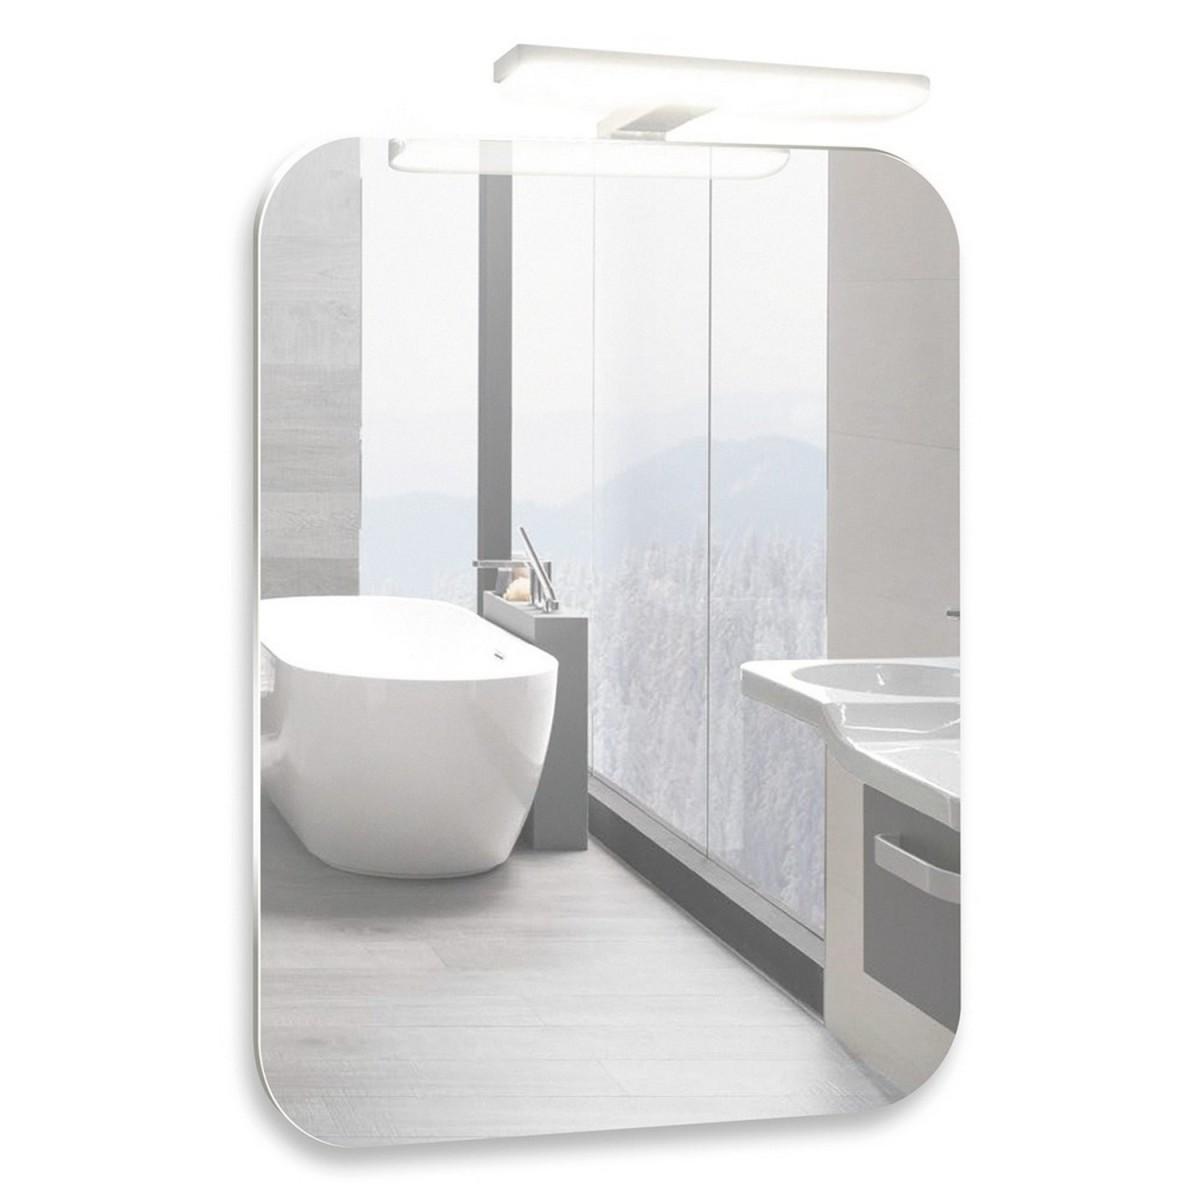 Зеркало со встроенной подсветкой Mixline Премьер 533657